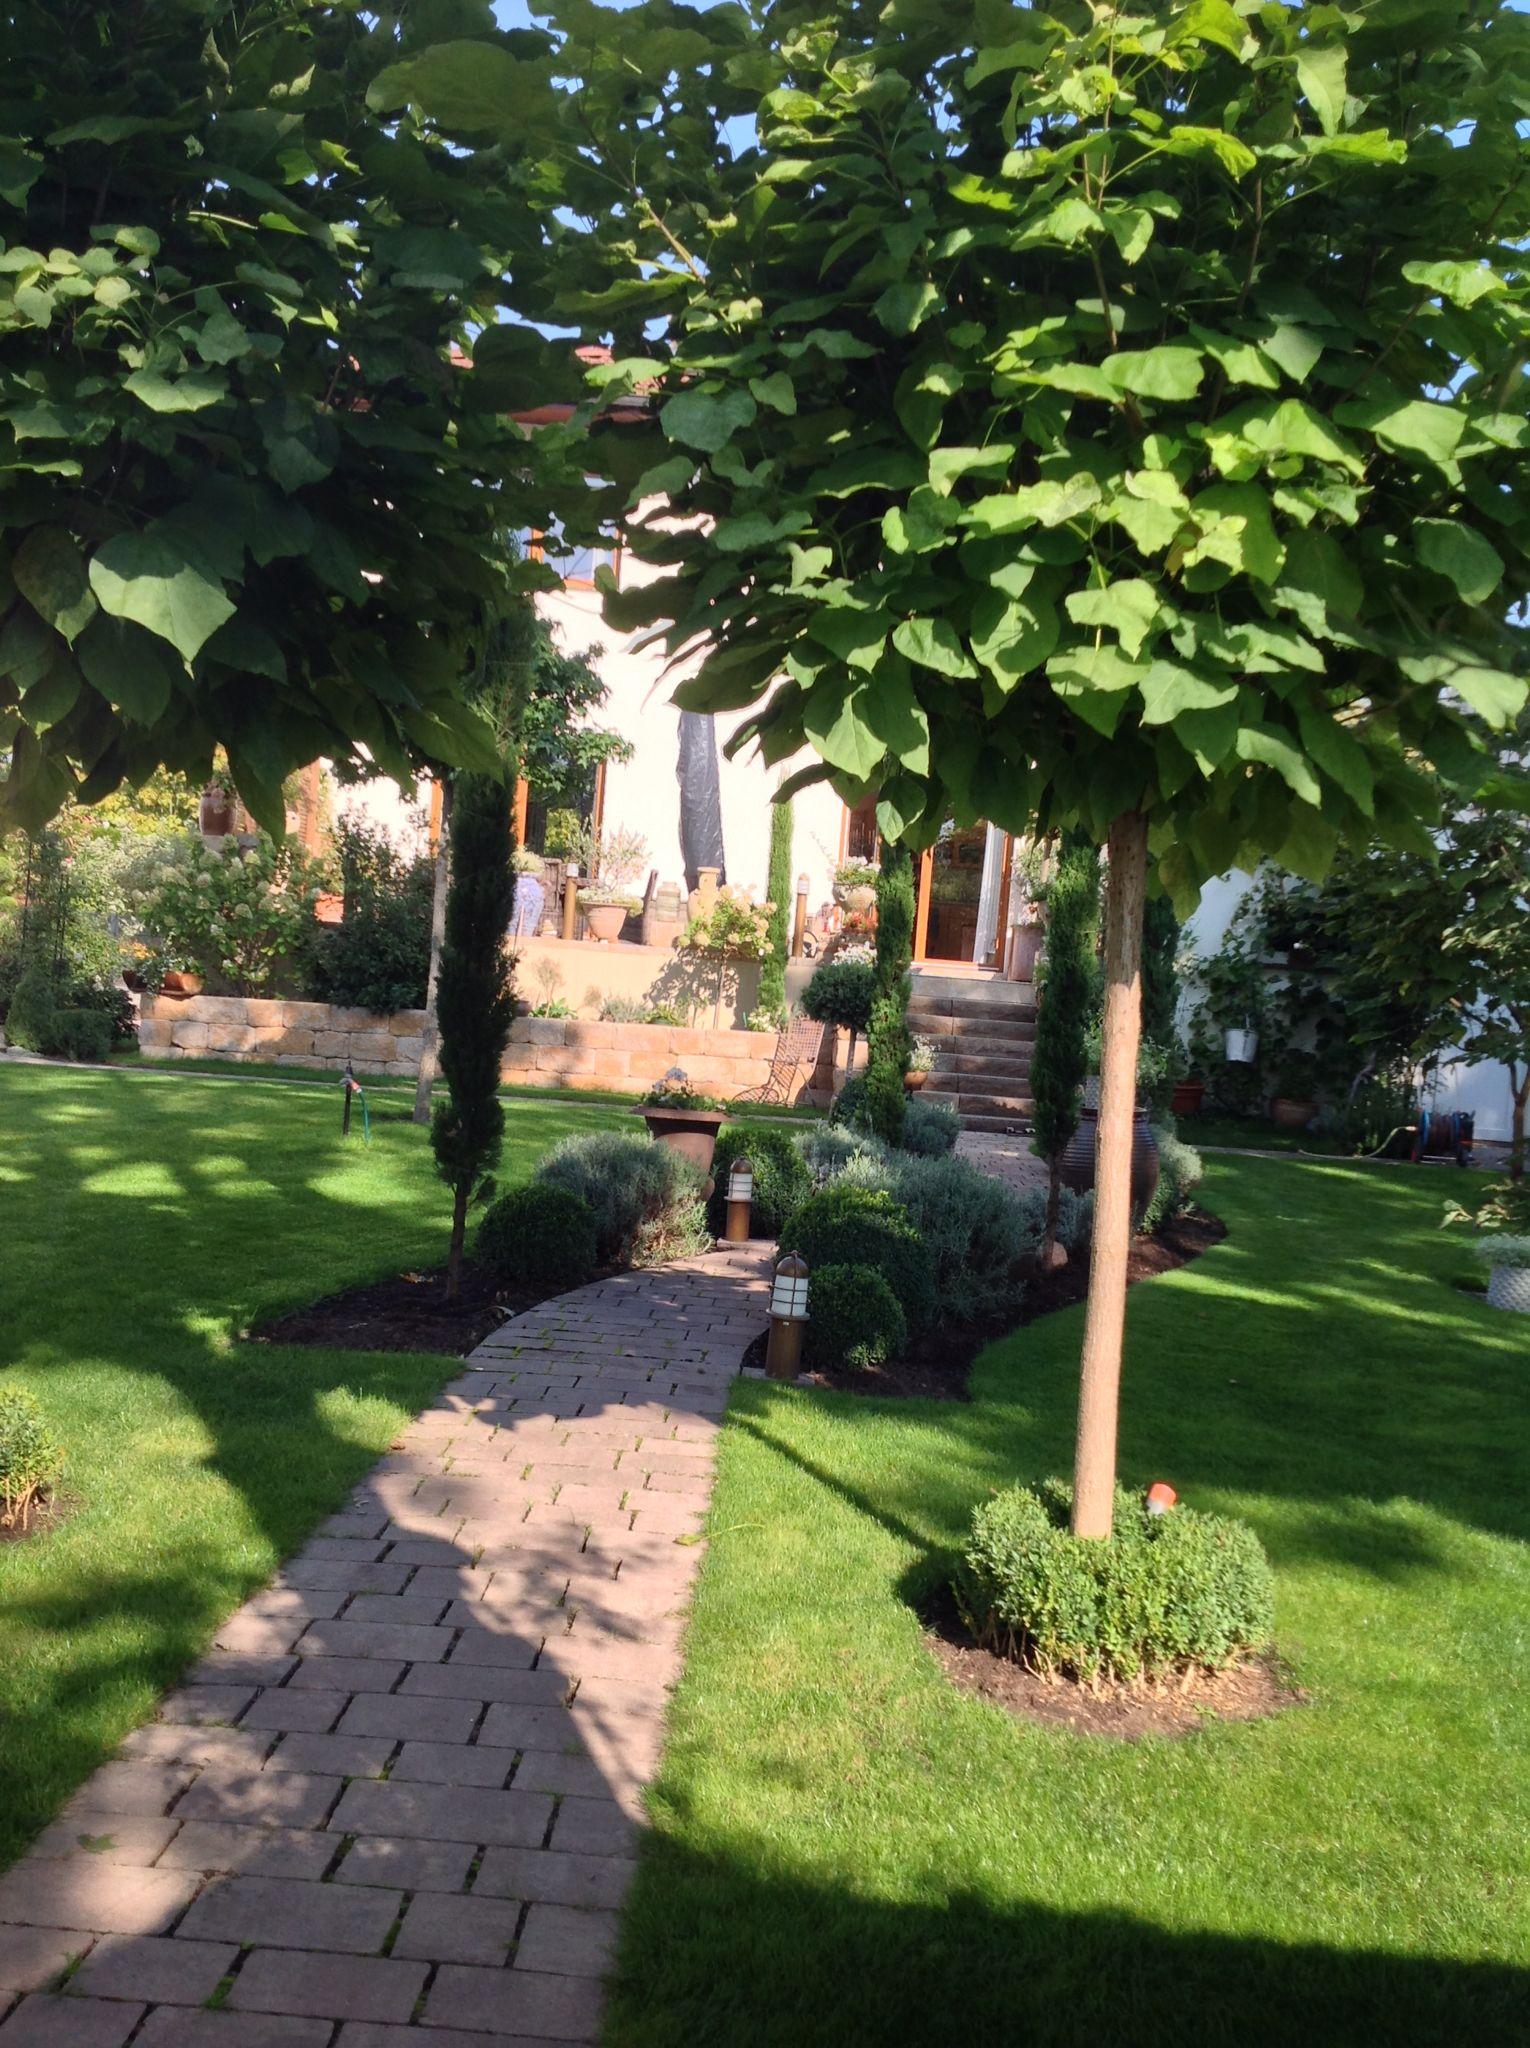 Mein garten  Mein Garten. My Garden | Gartengestaltung/mein Garten | Pinterest ...